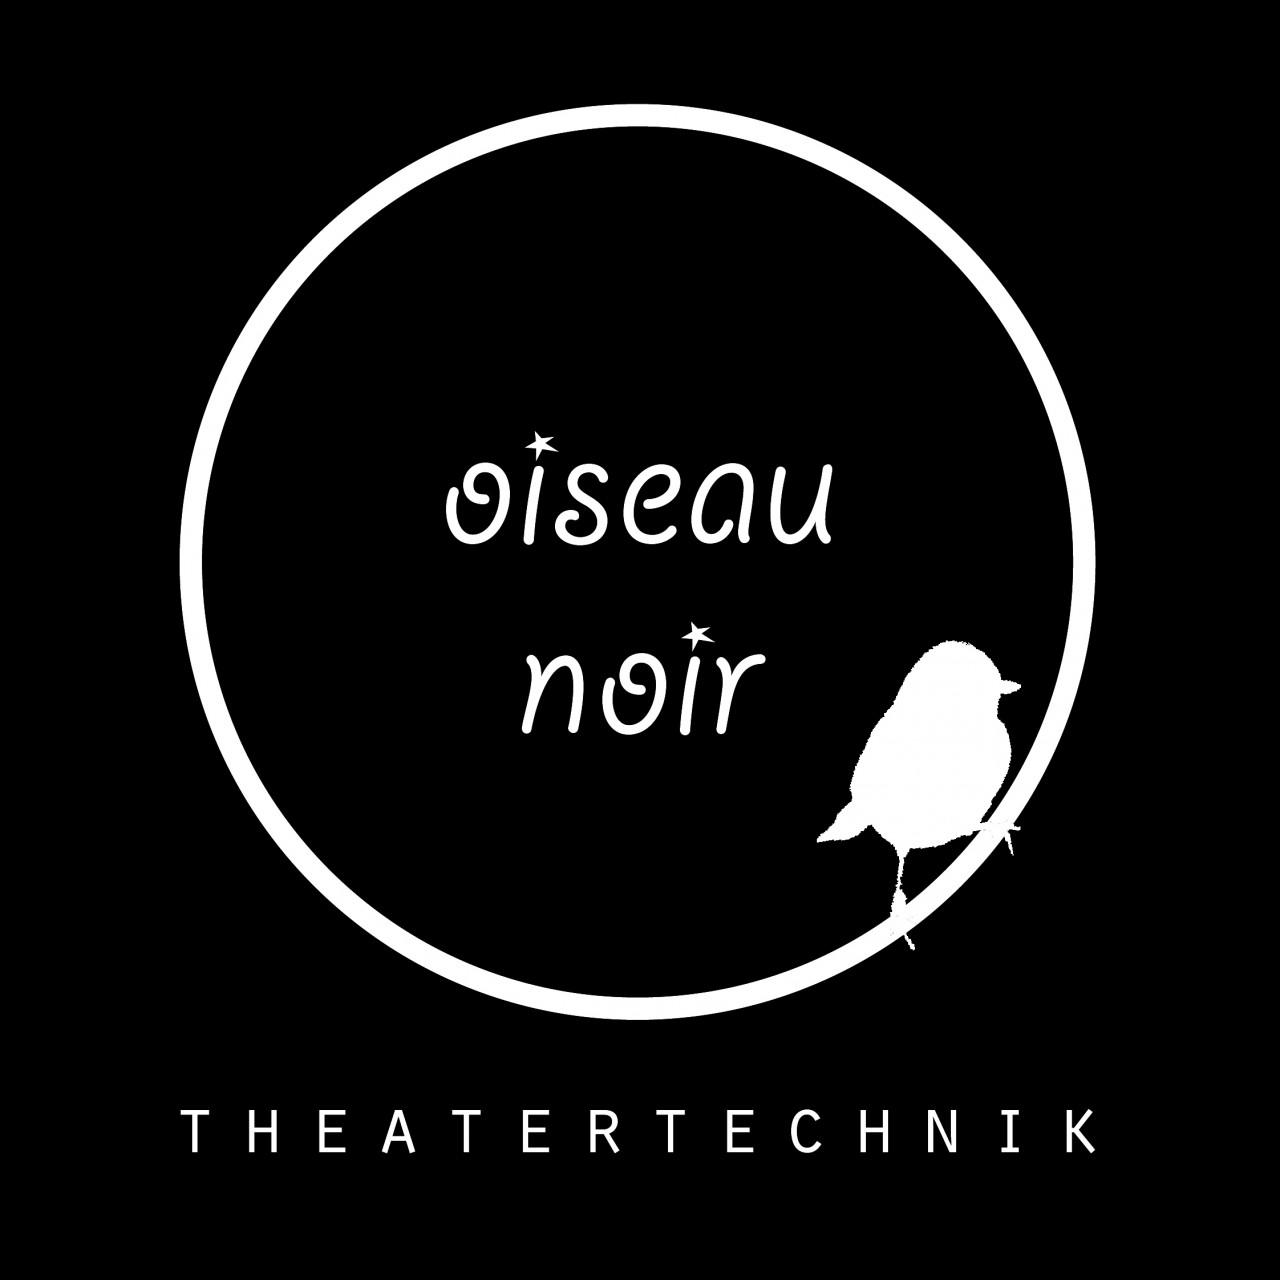 oiseau noir Theatertechnik